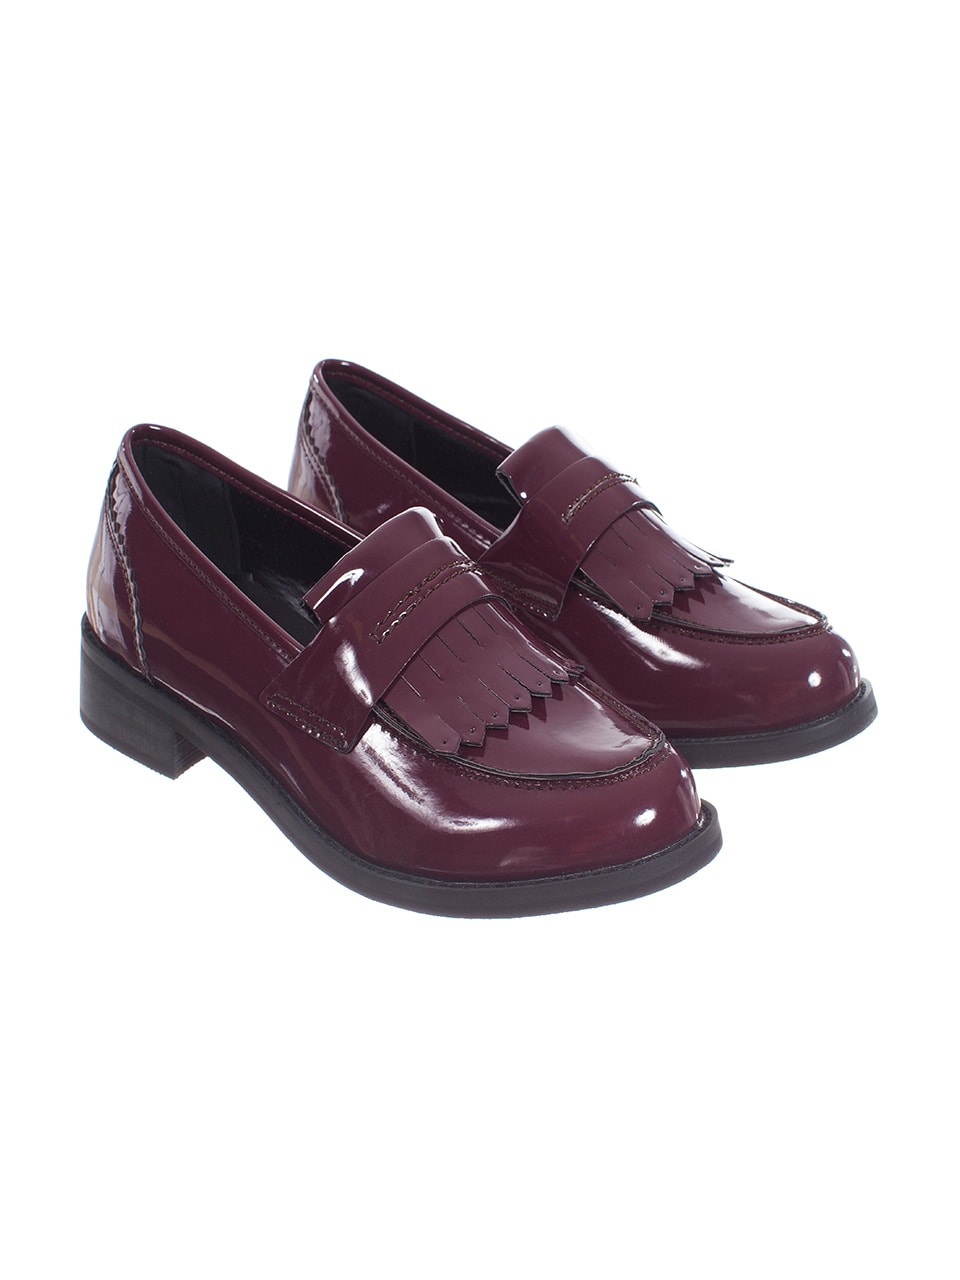 trend scarpe autunno 2014 mocassini con frange motivi